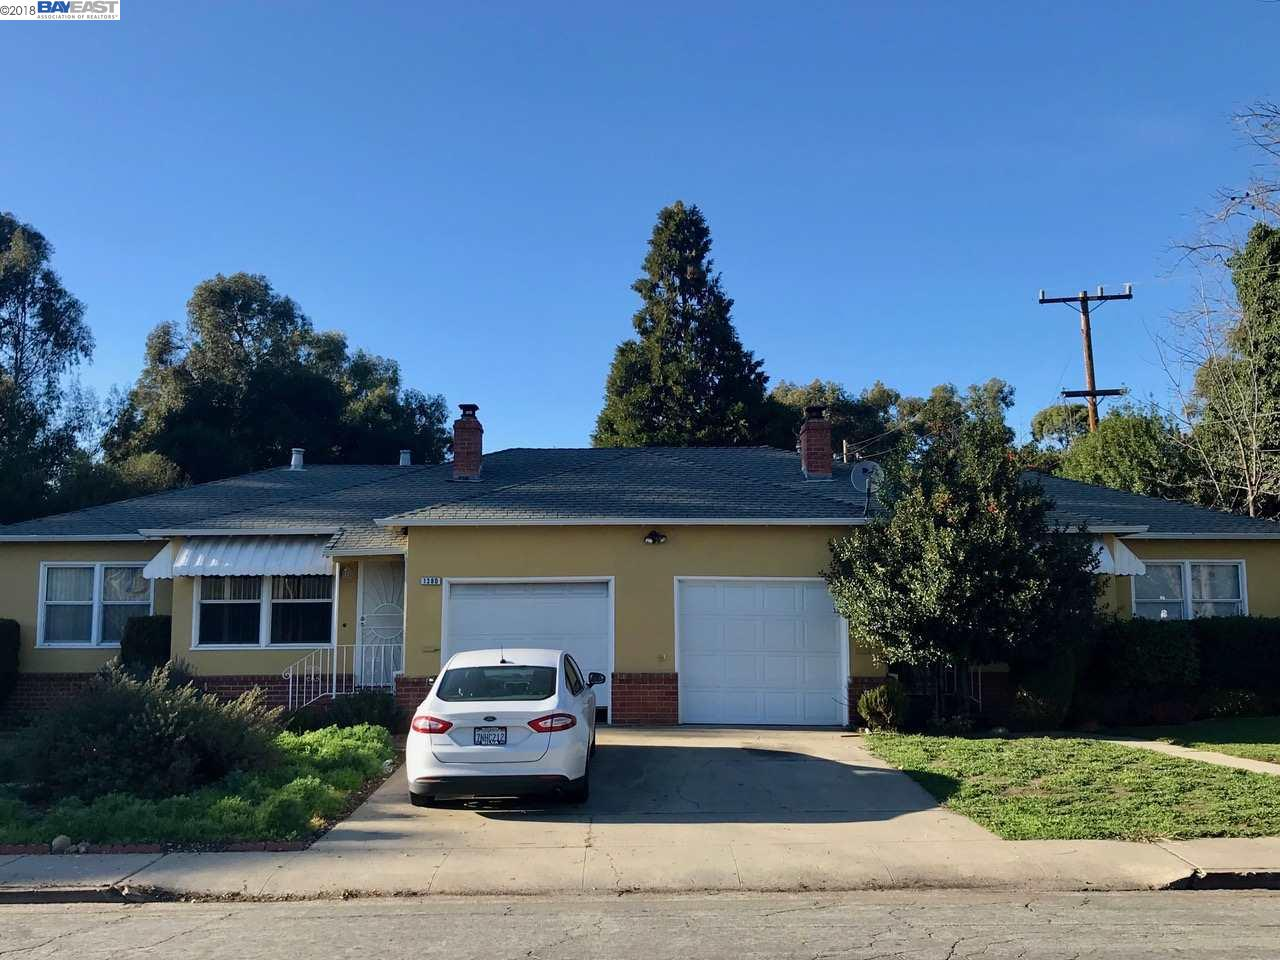 二世帯住宅 のために 売買 アット 1382 Russell Way 1382 Russell Way Hayward, カリフォルニア 94541 アメリカ合衆国